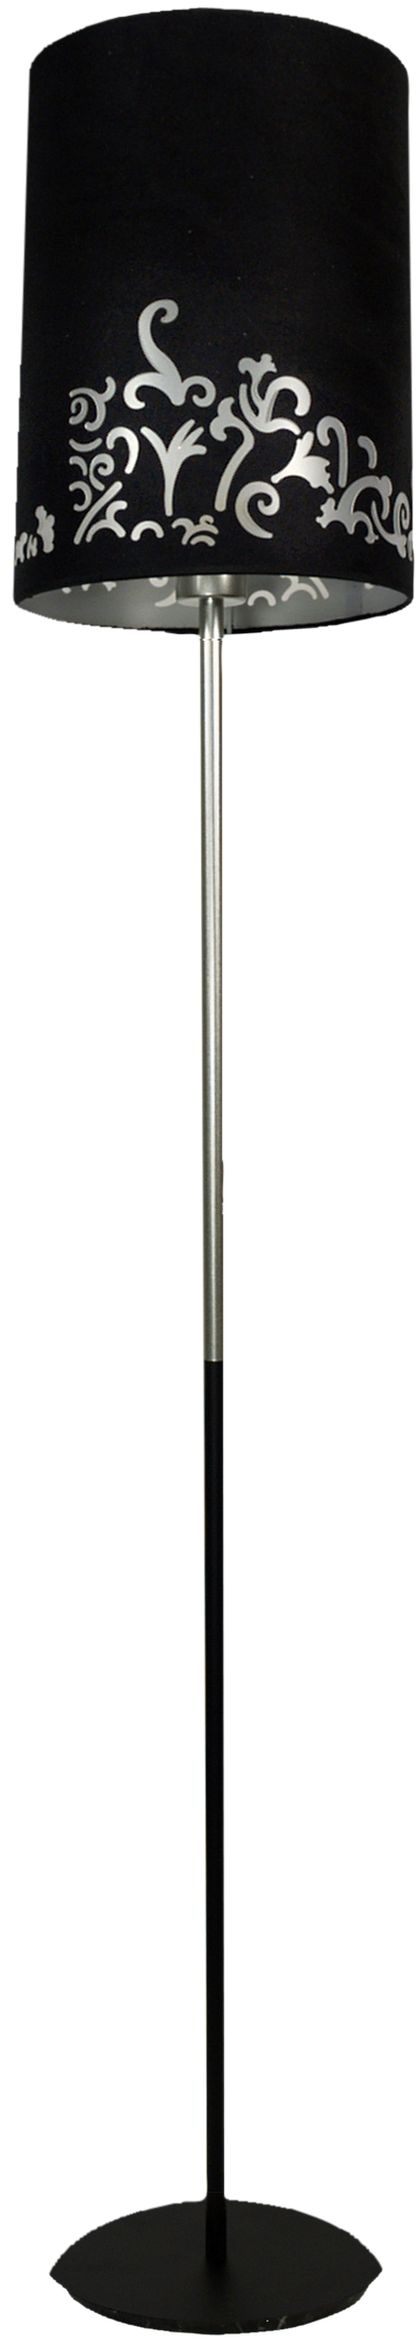 Candellux CYNIA 51-18949 lampa podłogowa abażur czarny welurowy z dekorem 1X60W E27 25 cm